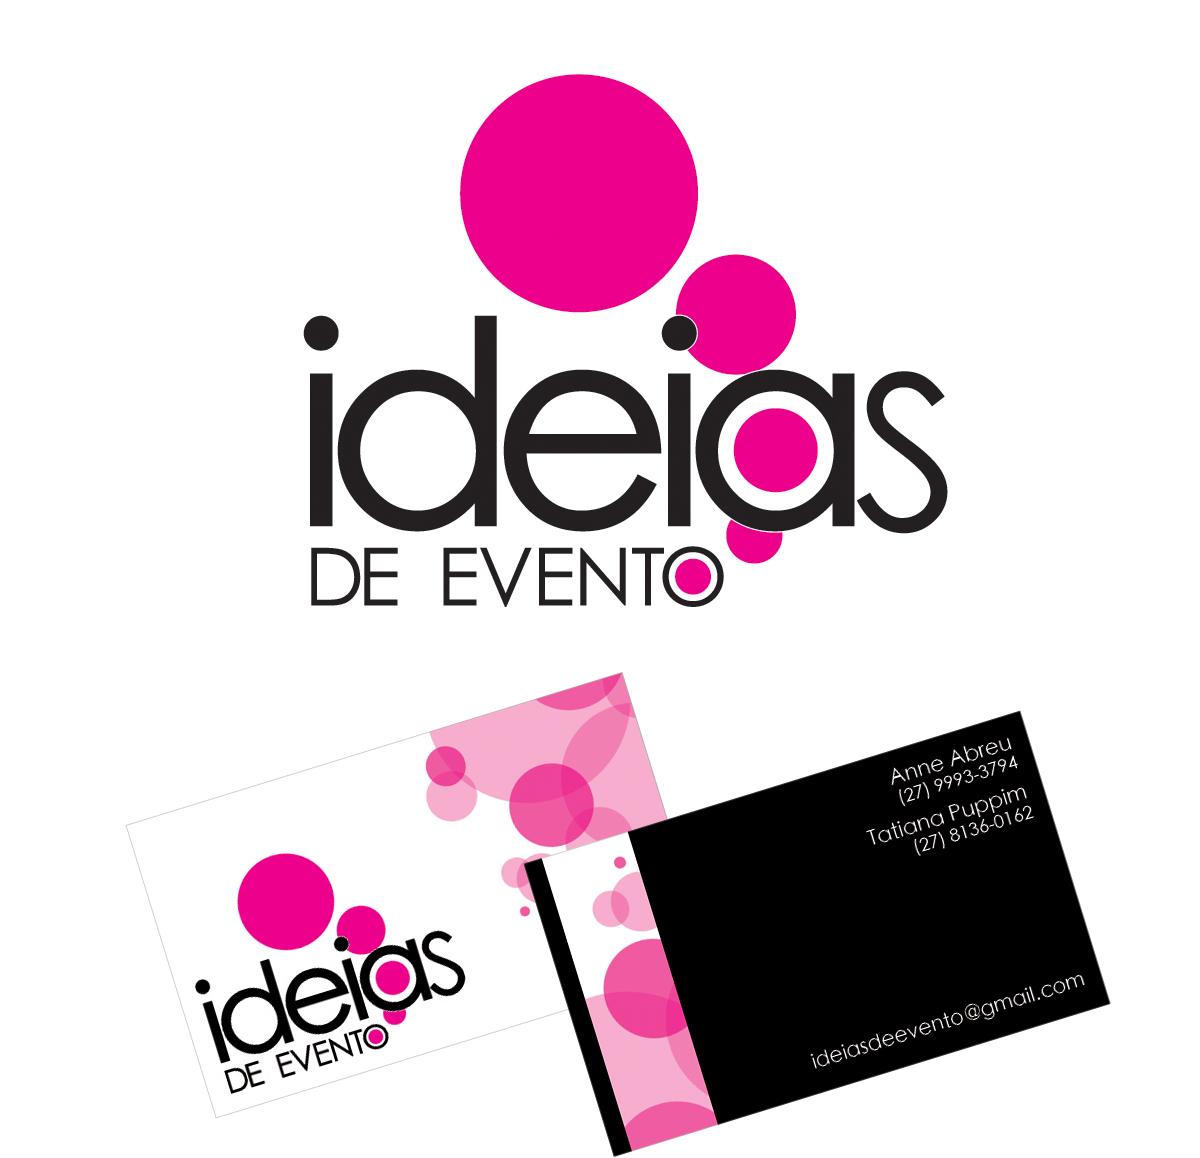 Carlos Bao Design: Logomarca Ideias de Evento   Cartão de Visitas #C50675 1200 1158